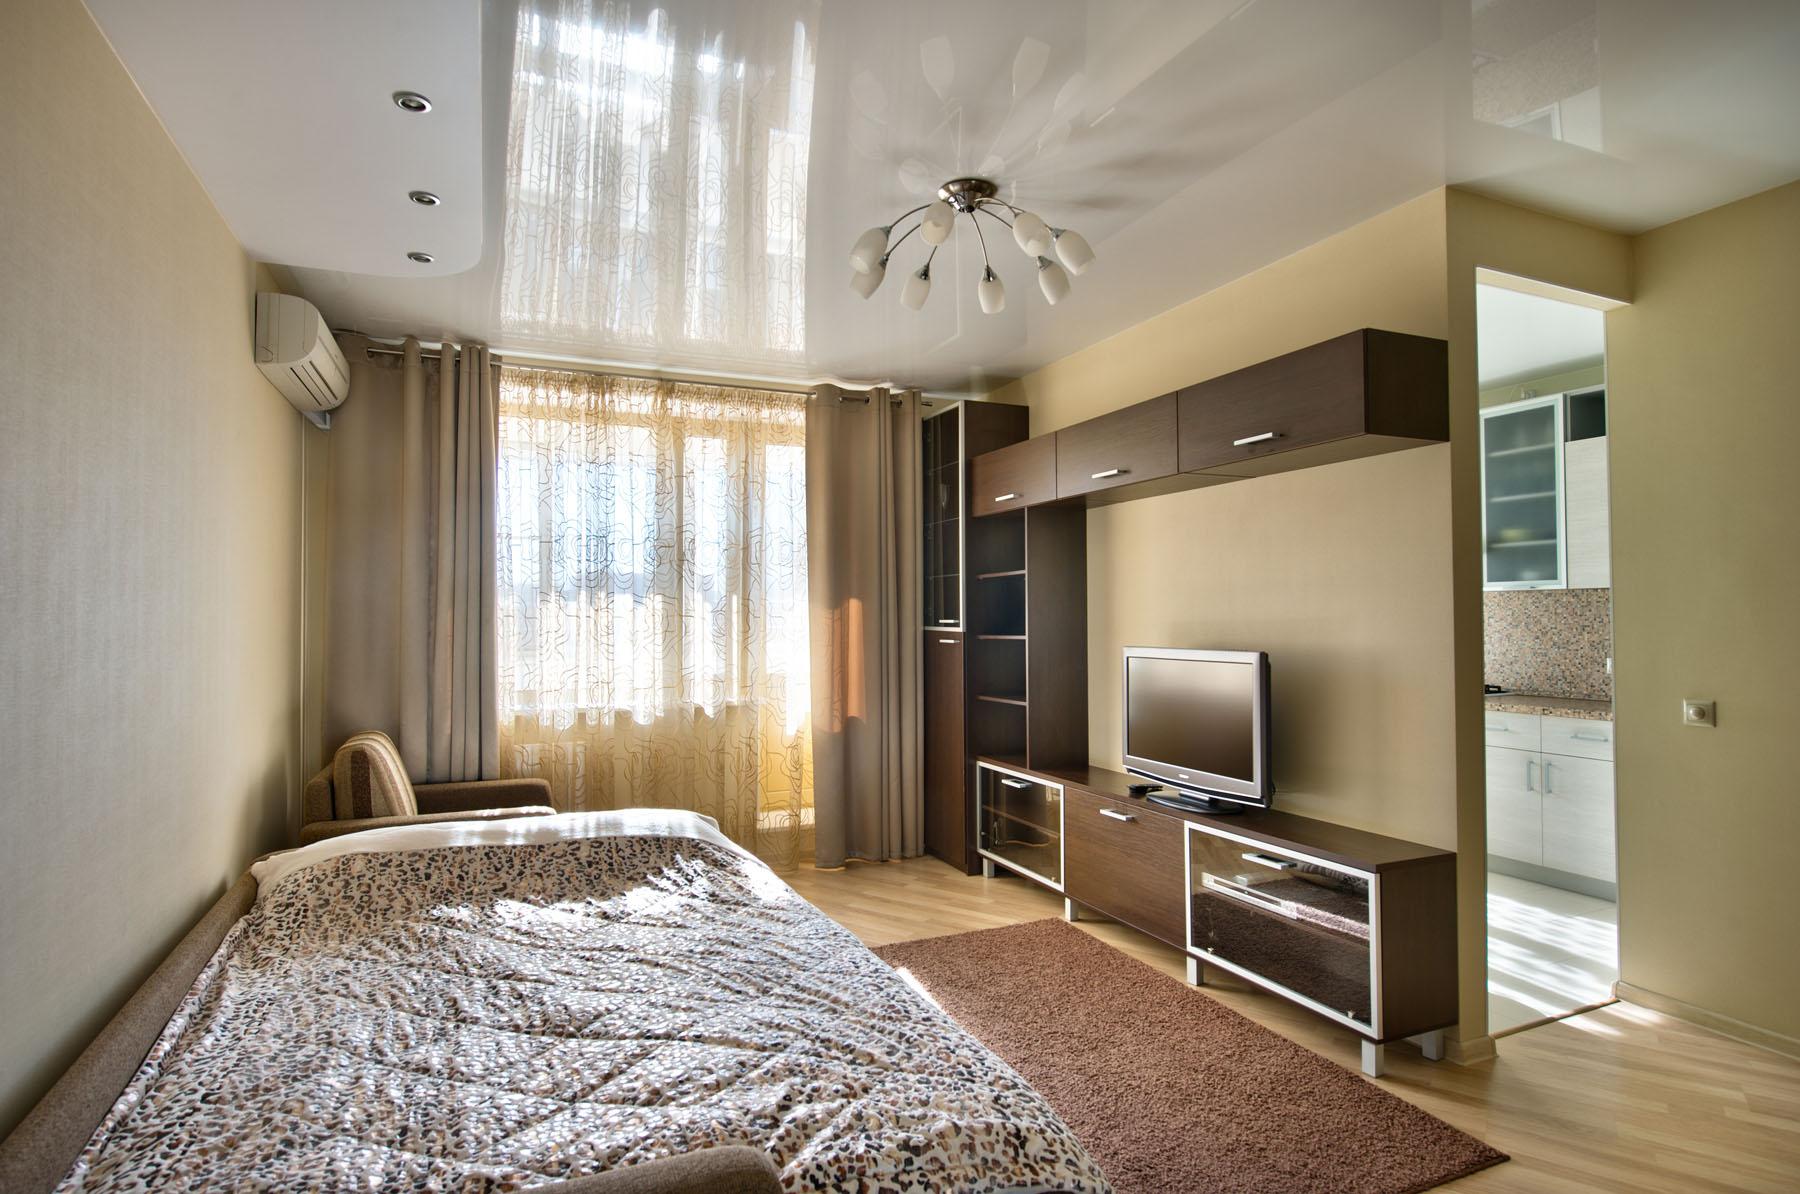 Как сделать ремонт в съёмной квартире делаем съемную квартиру уютной 73